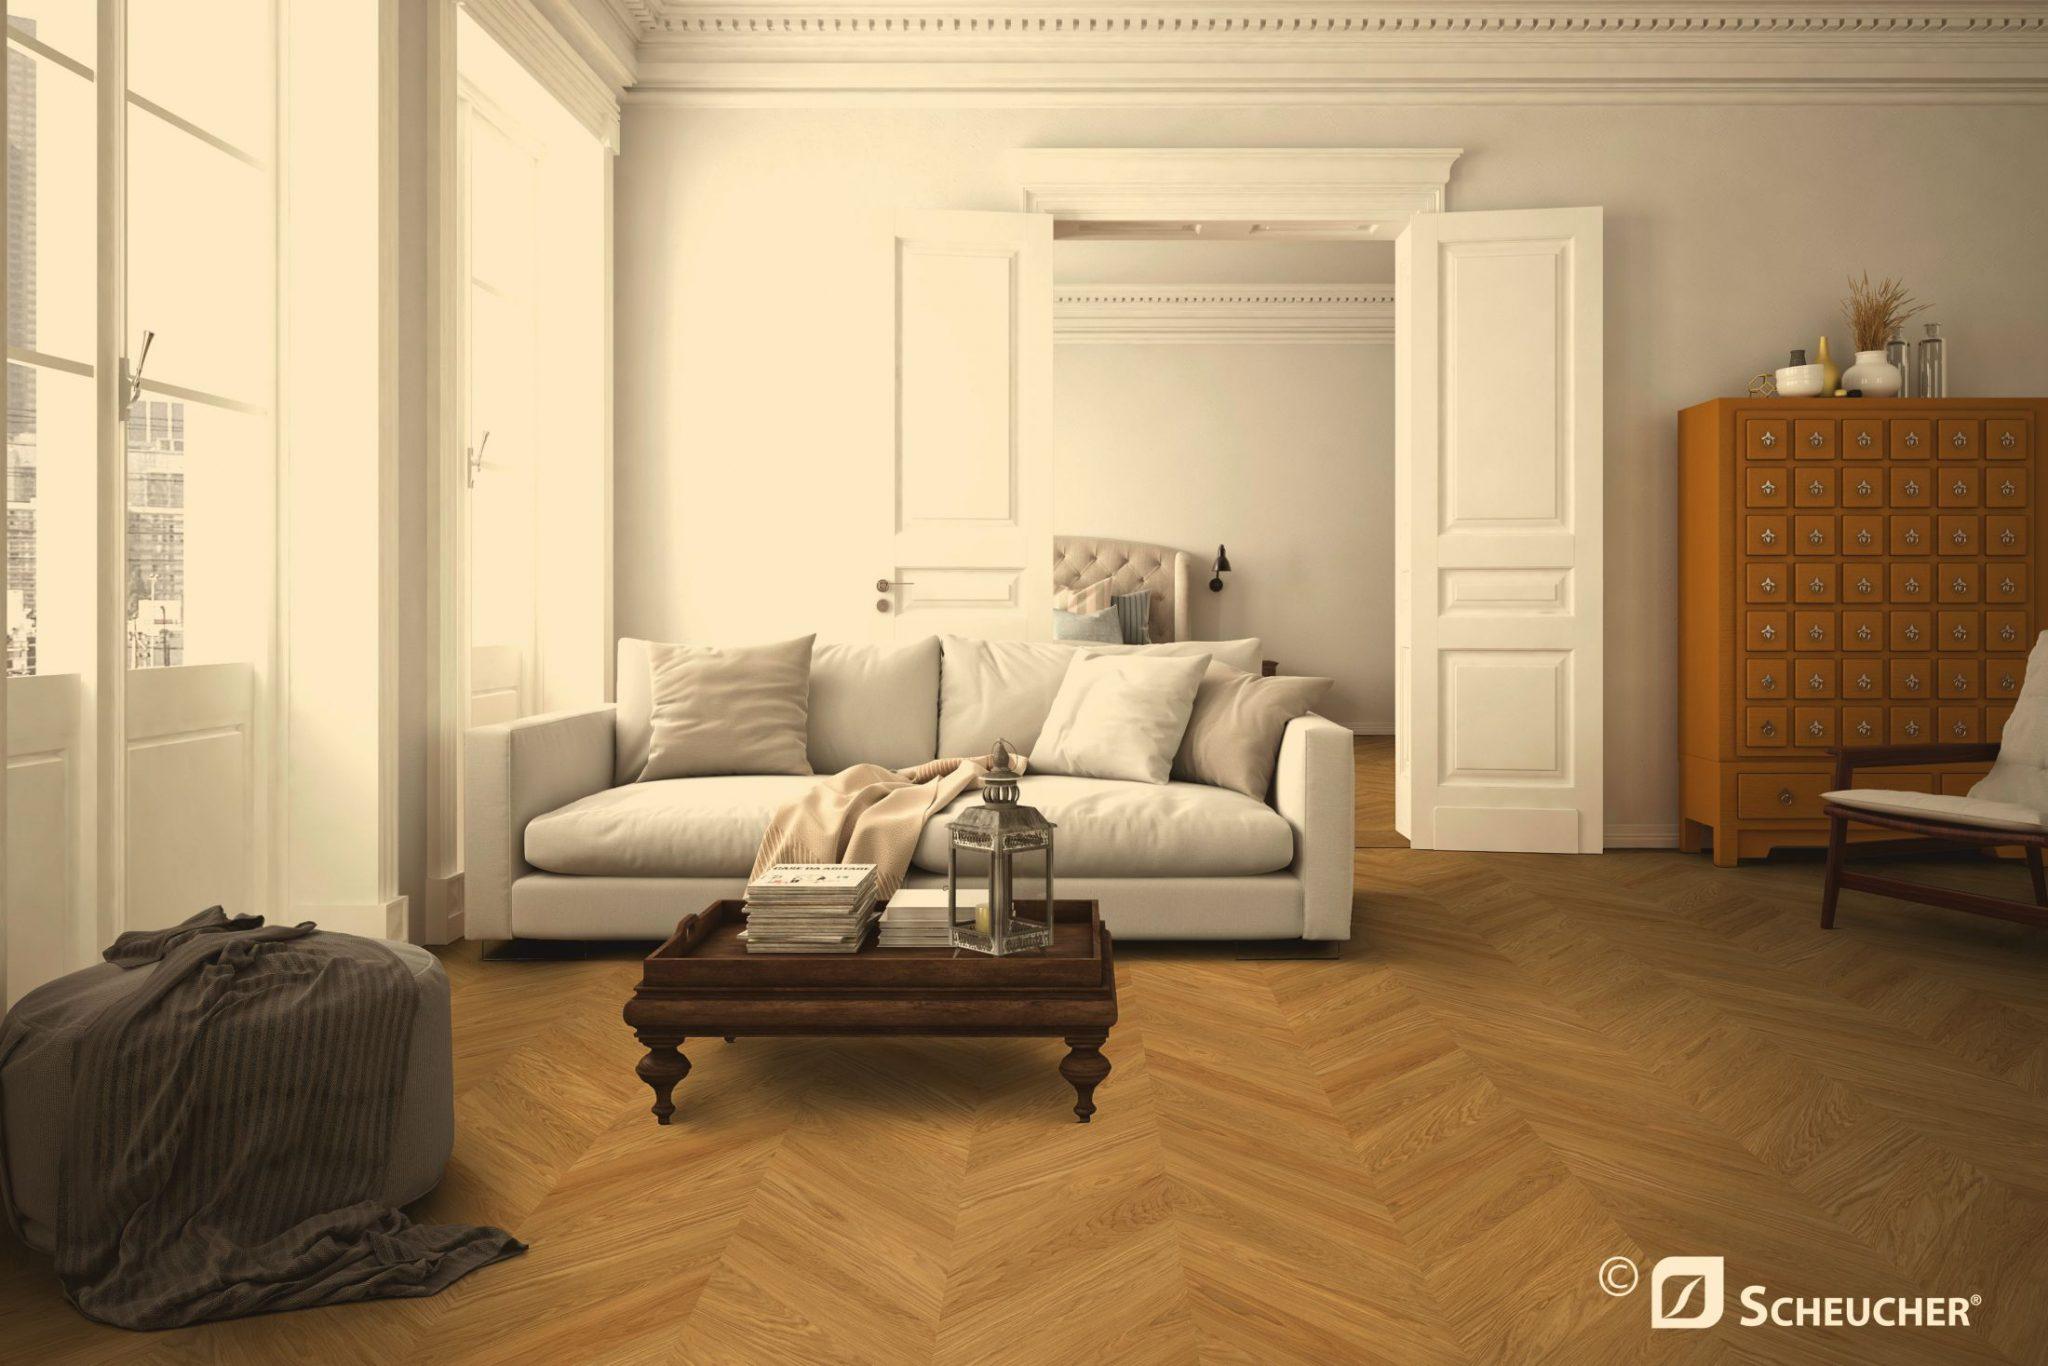 vloerverwarming badkamer hoofdverwarming designradiator als hoofdverwarming 102515 gt wibma